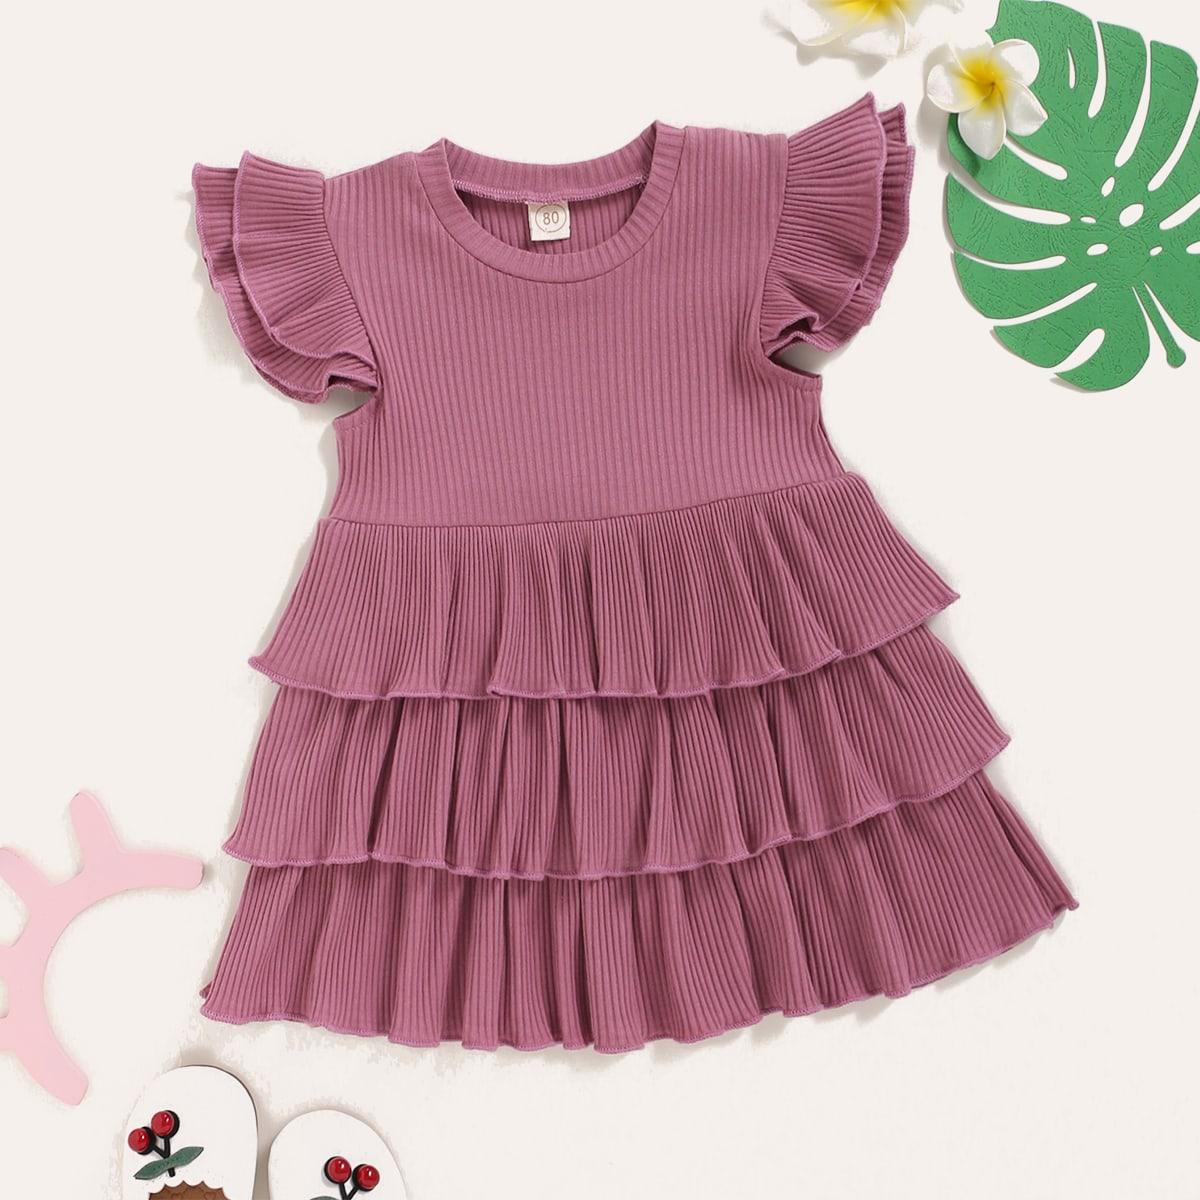 Многослойное платье в рубчик для девочек от SHEIN